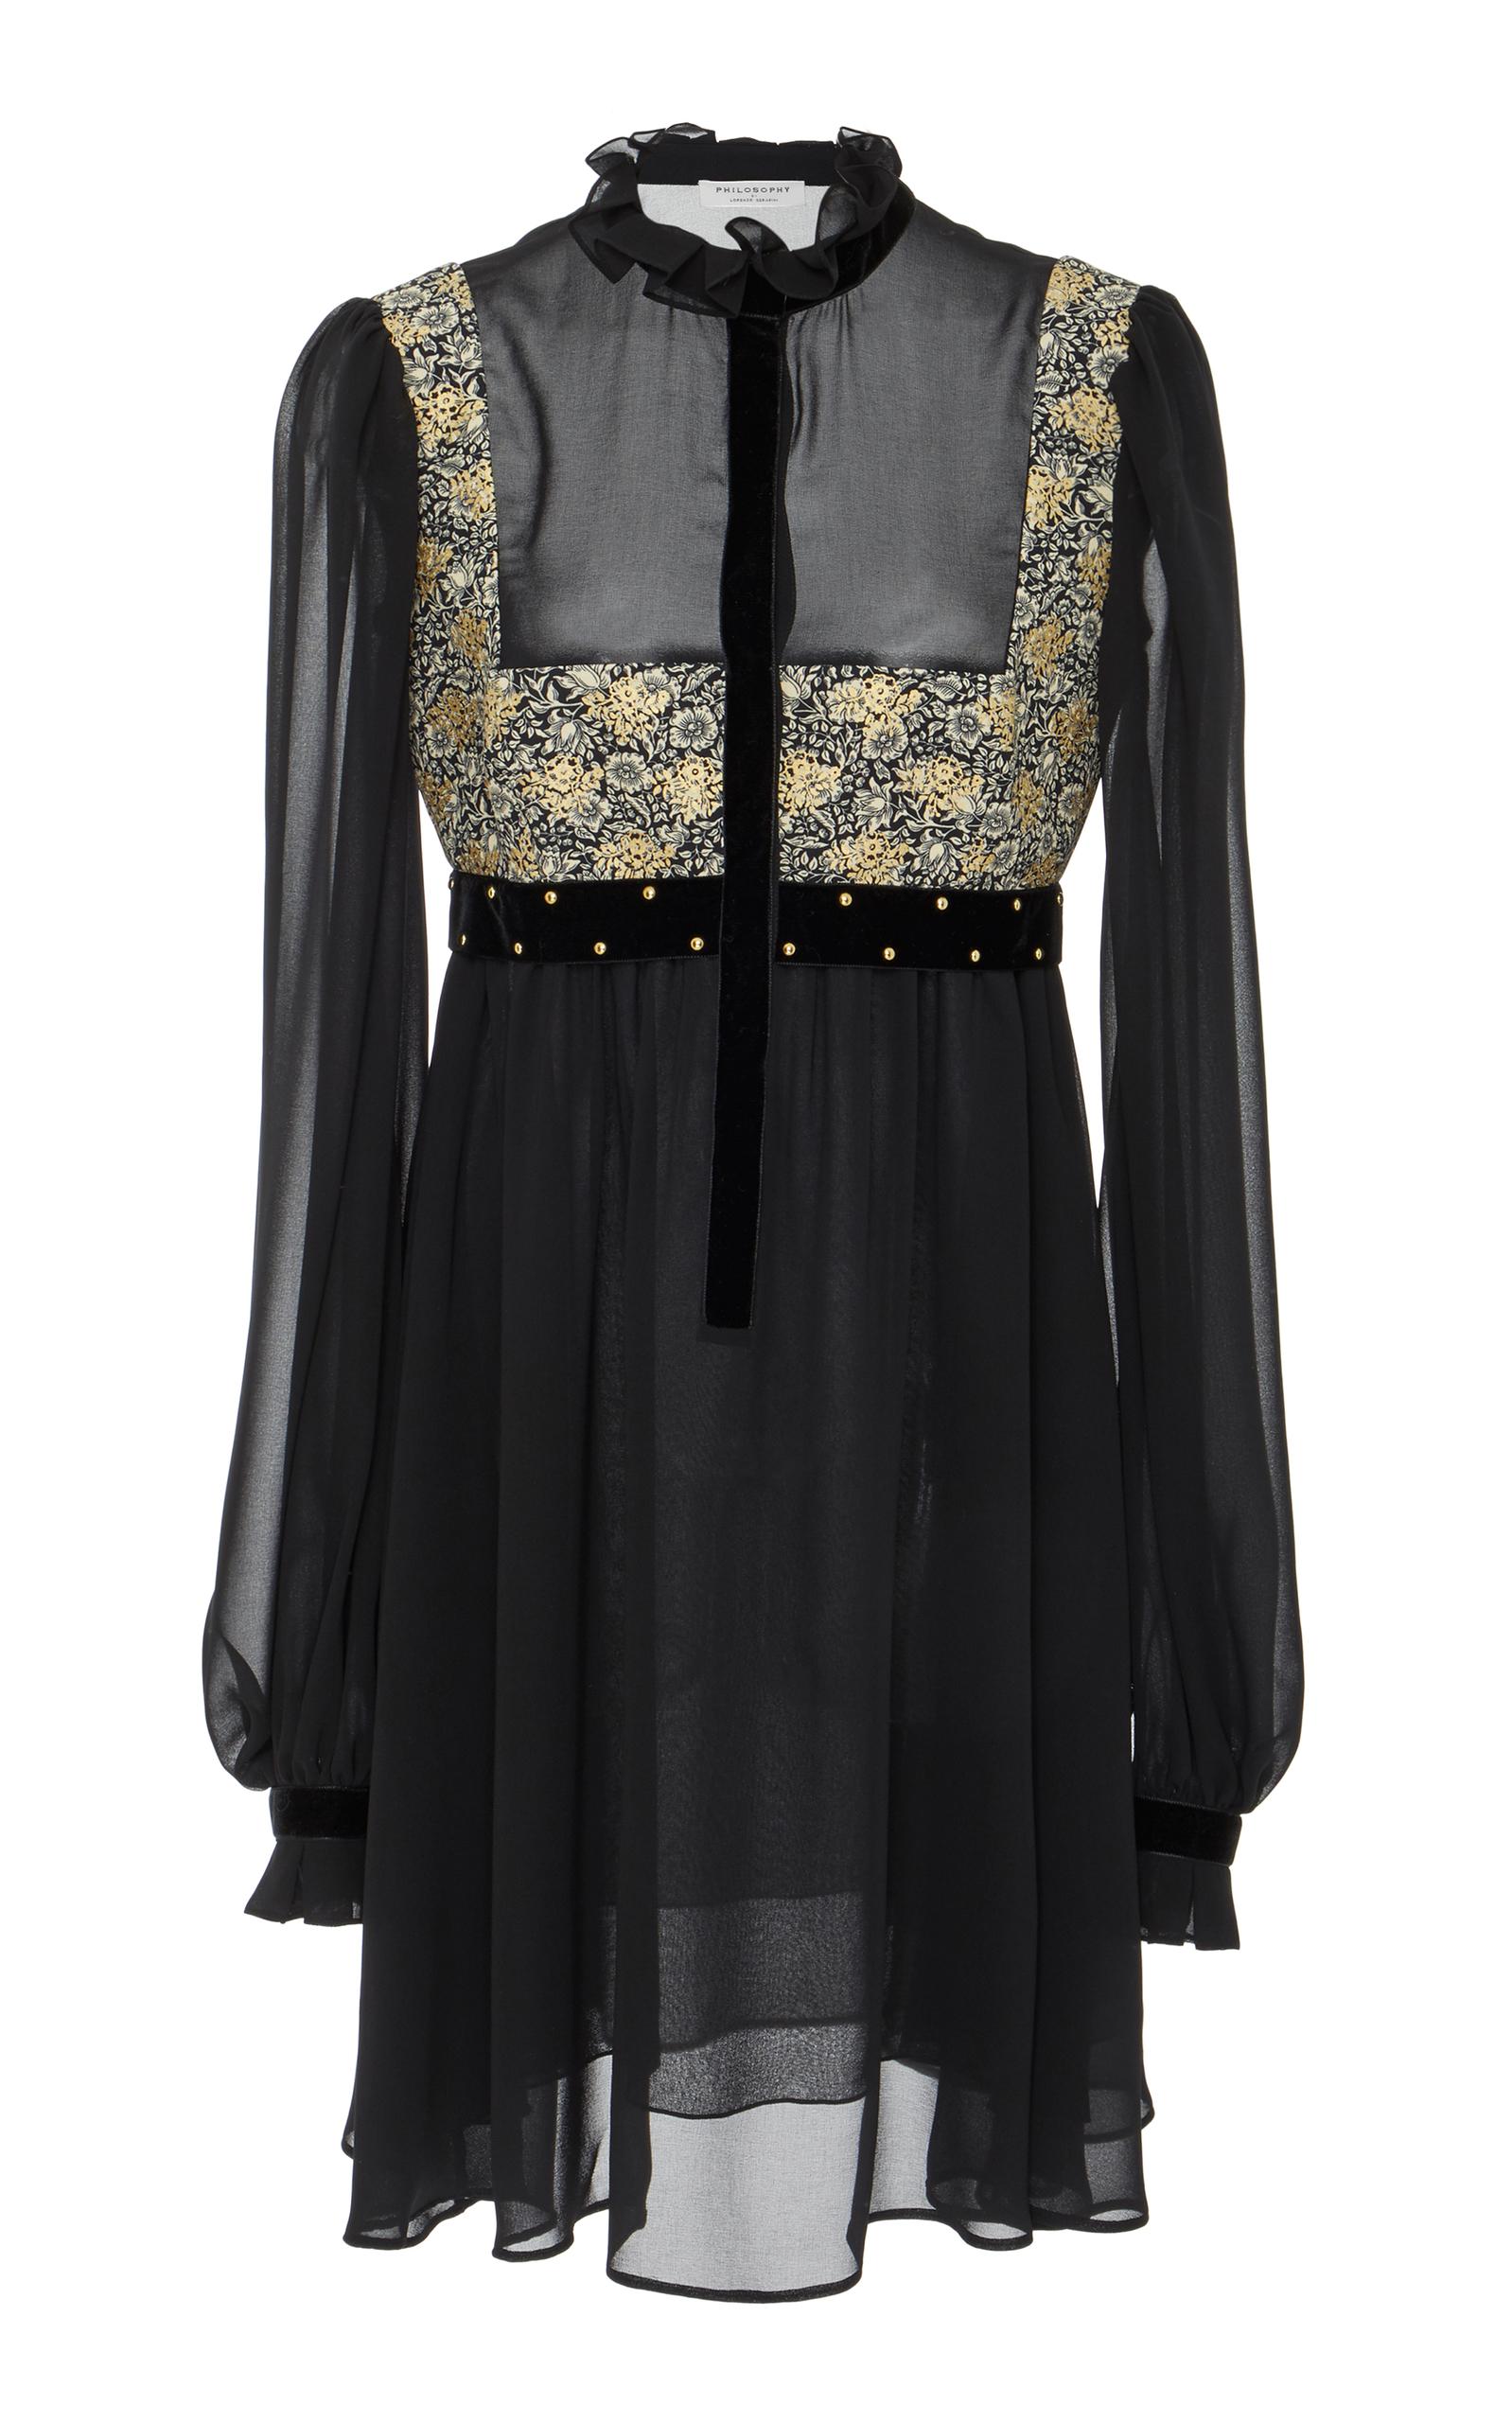 Chiffon Short Dress in Black